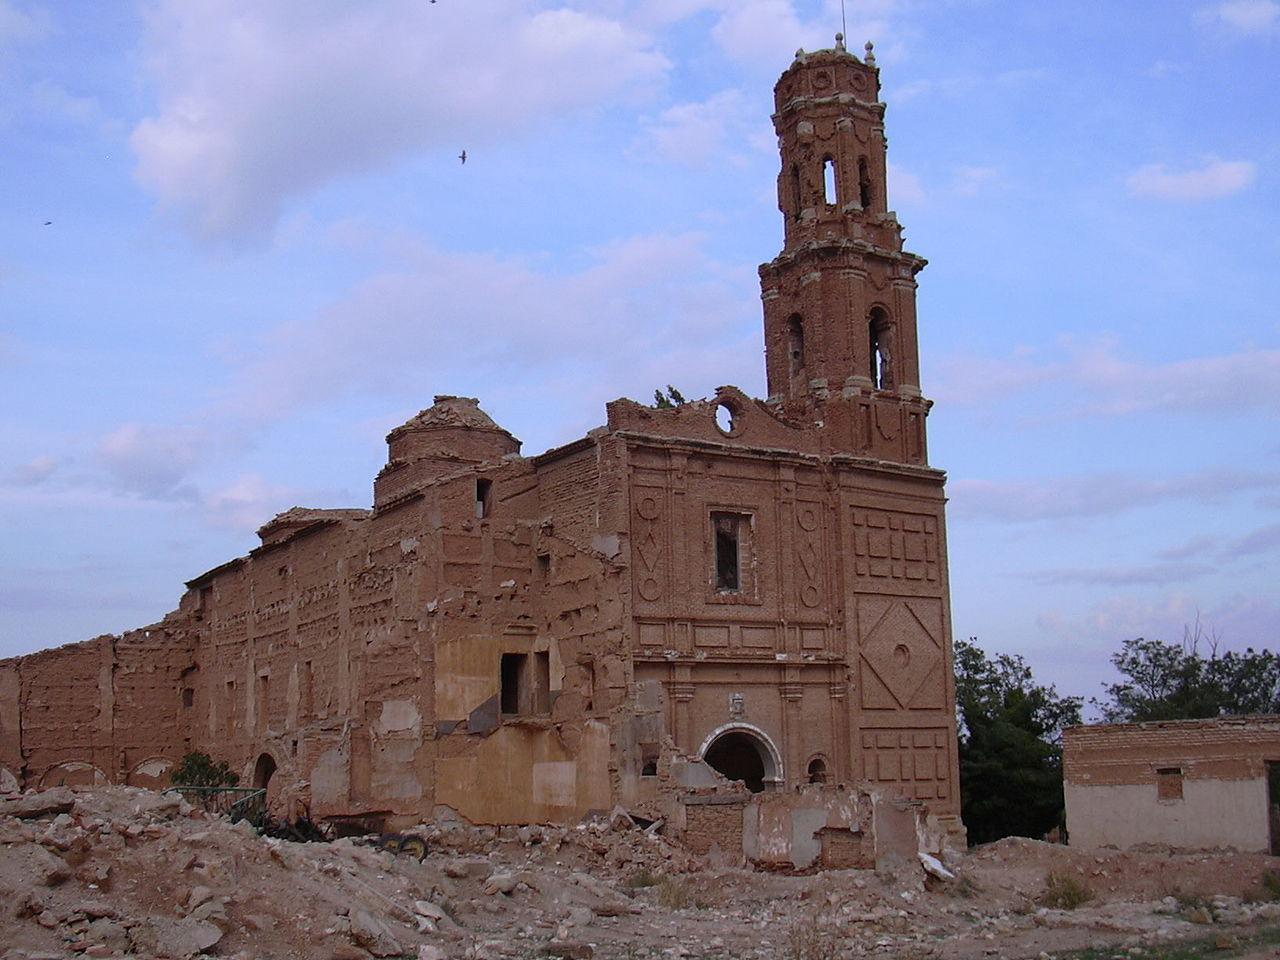 O horror da Guerra Civil Espanhola guardada em Belchite